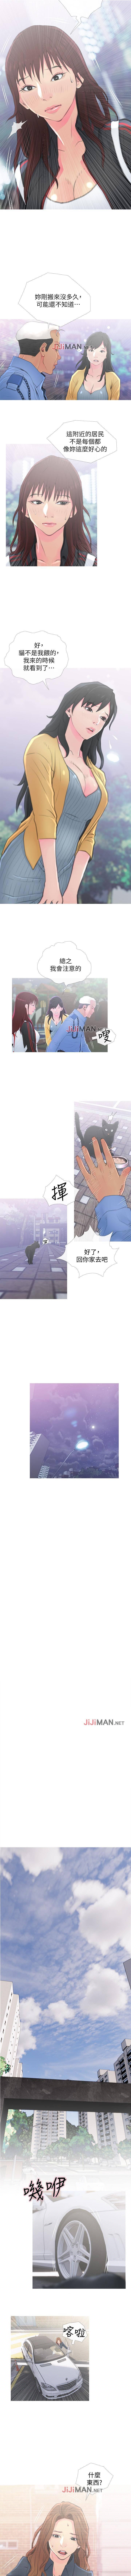 【周五连载】主妇危机(作者:查爾斯&漢水) 第1~26话 6